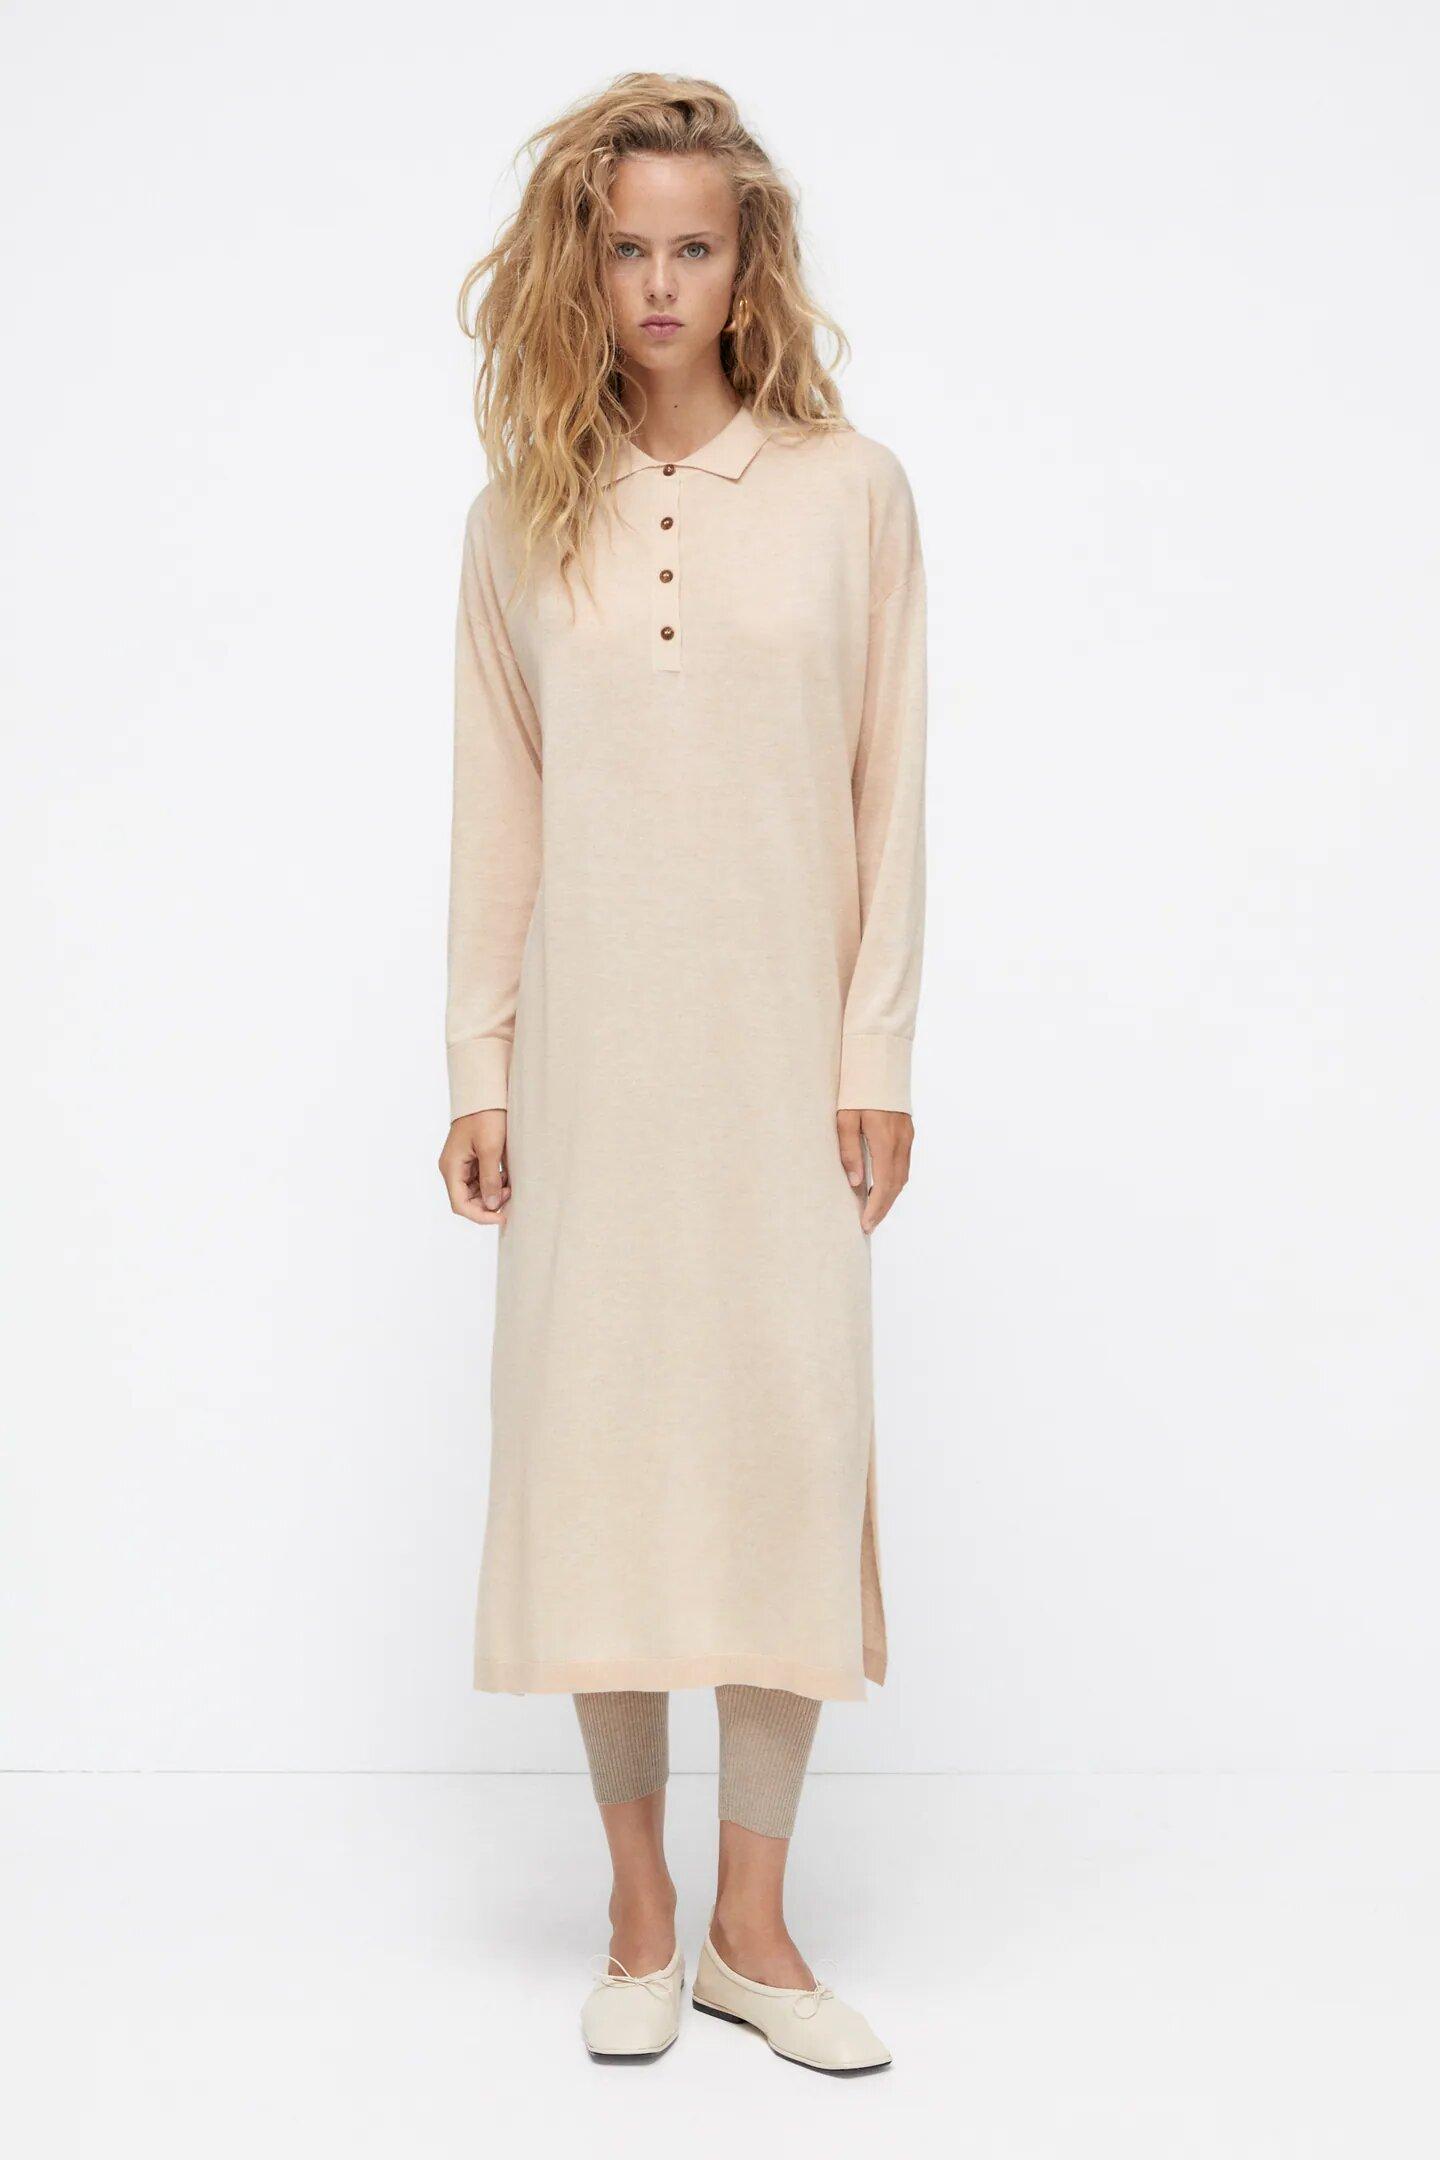 Vestido con cuello polo, de Zara.